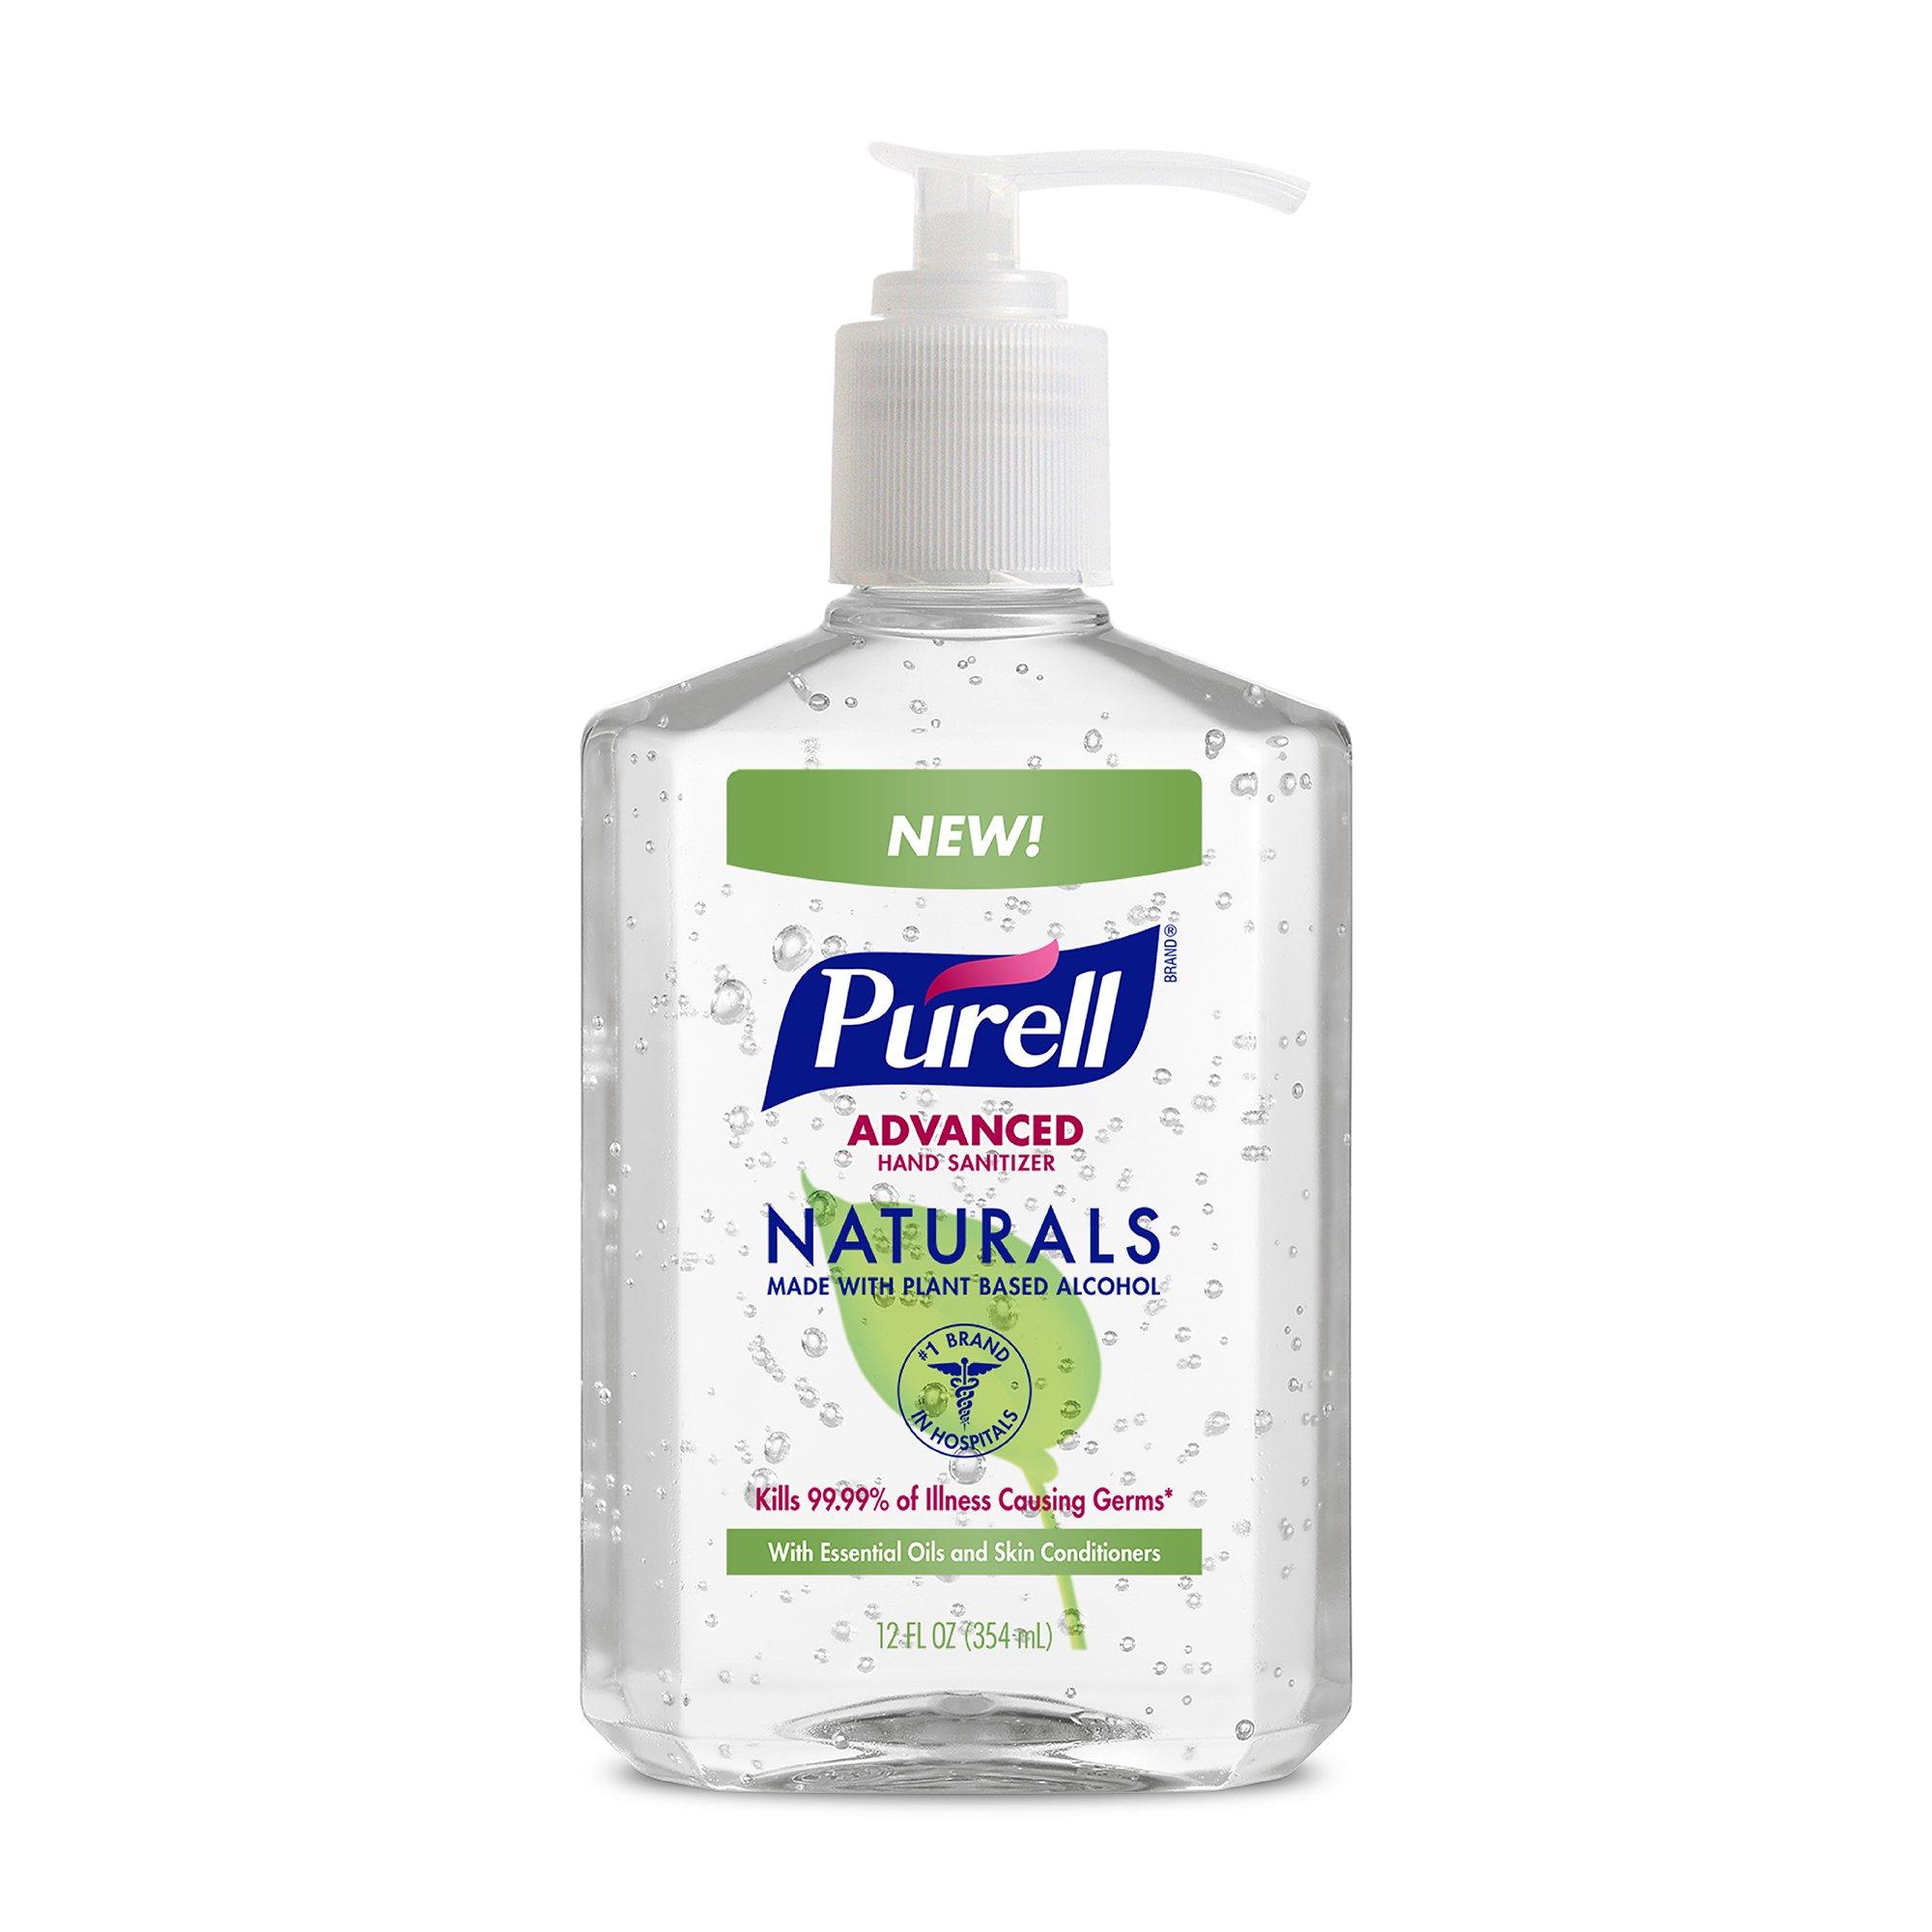 PURELL Naturals Advanced Hand Sanitizer - Hand Sanitizer Gel with Essentails Oils, 12 fl oz Bottle (Case of 12) - 9629-12